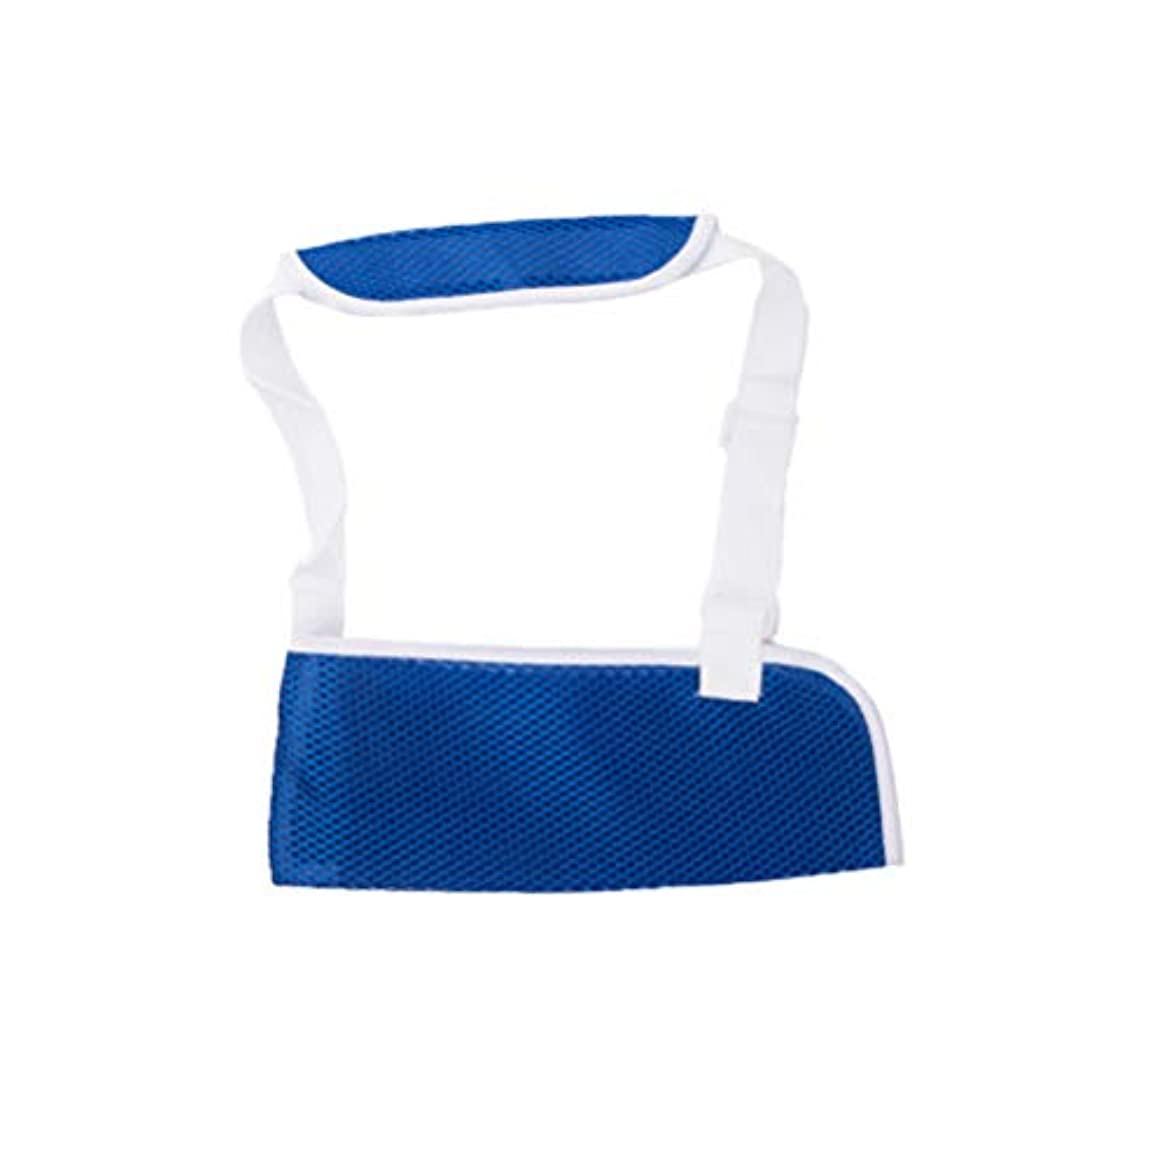 不良原点対称SUPVOX 子供たちは脱臼骨折捻挫のためのスリング調節可能なショルダーイモビライザーアームスリング通気性医療肩壊れた腕腕